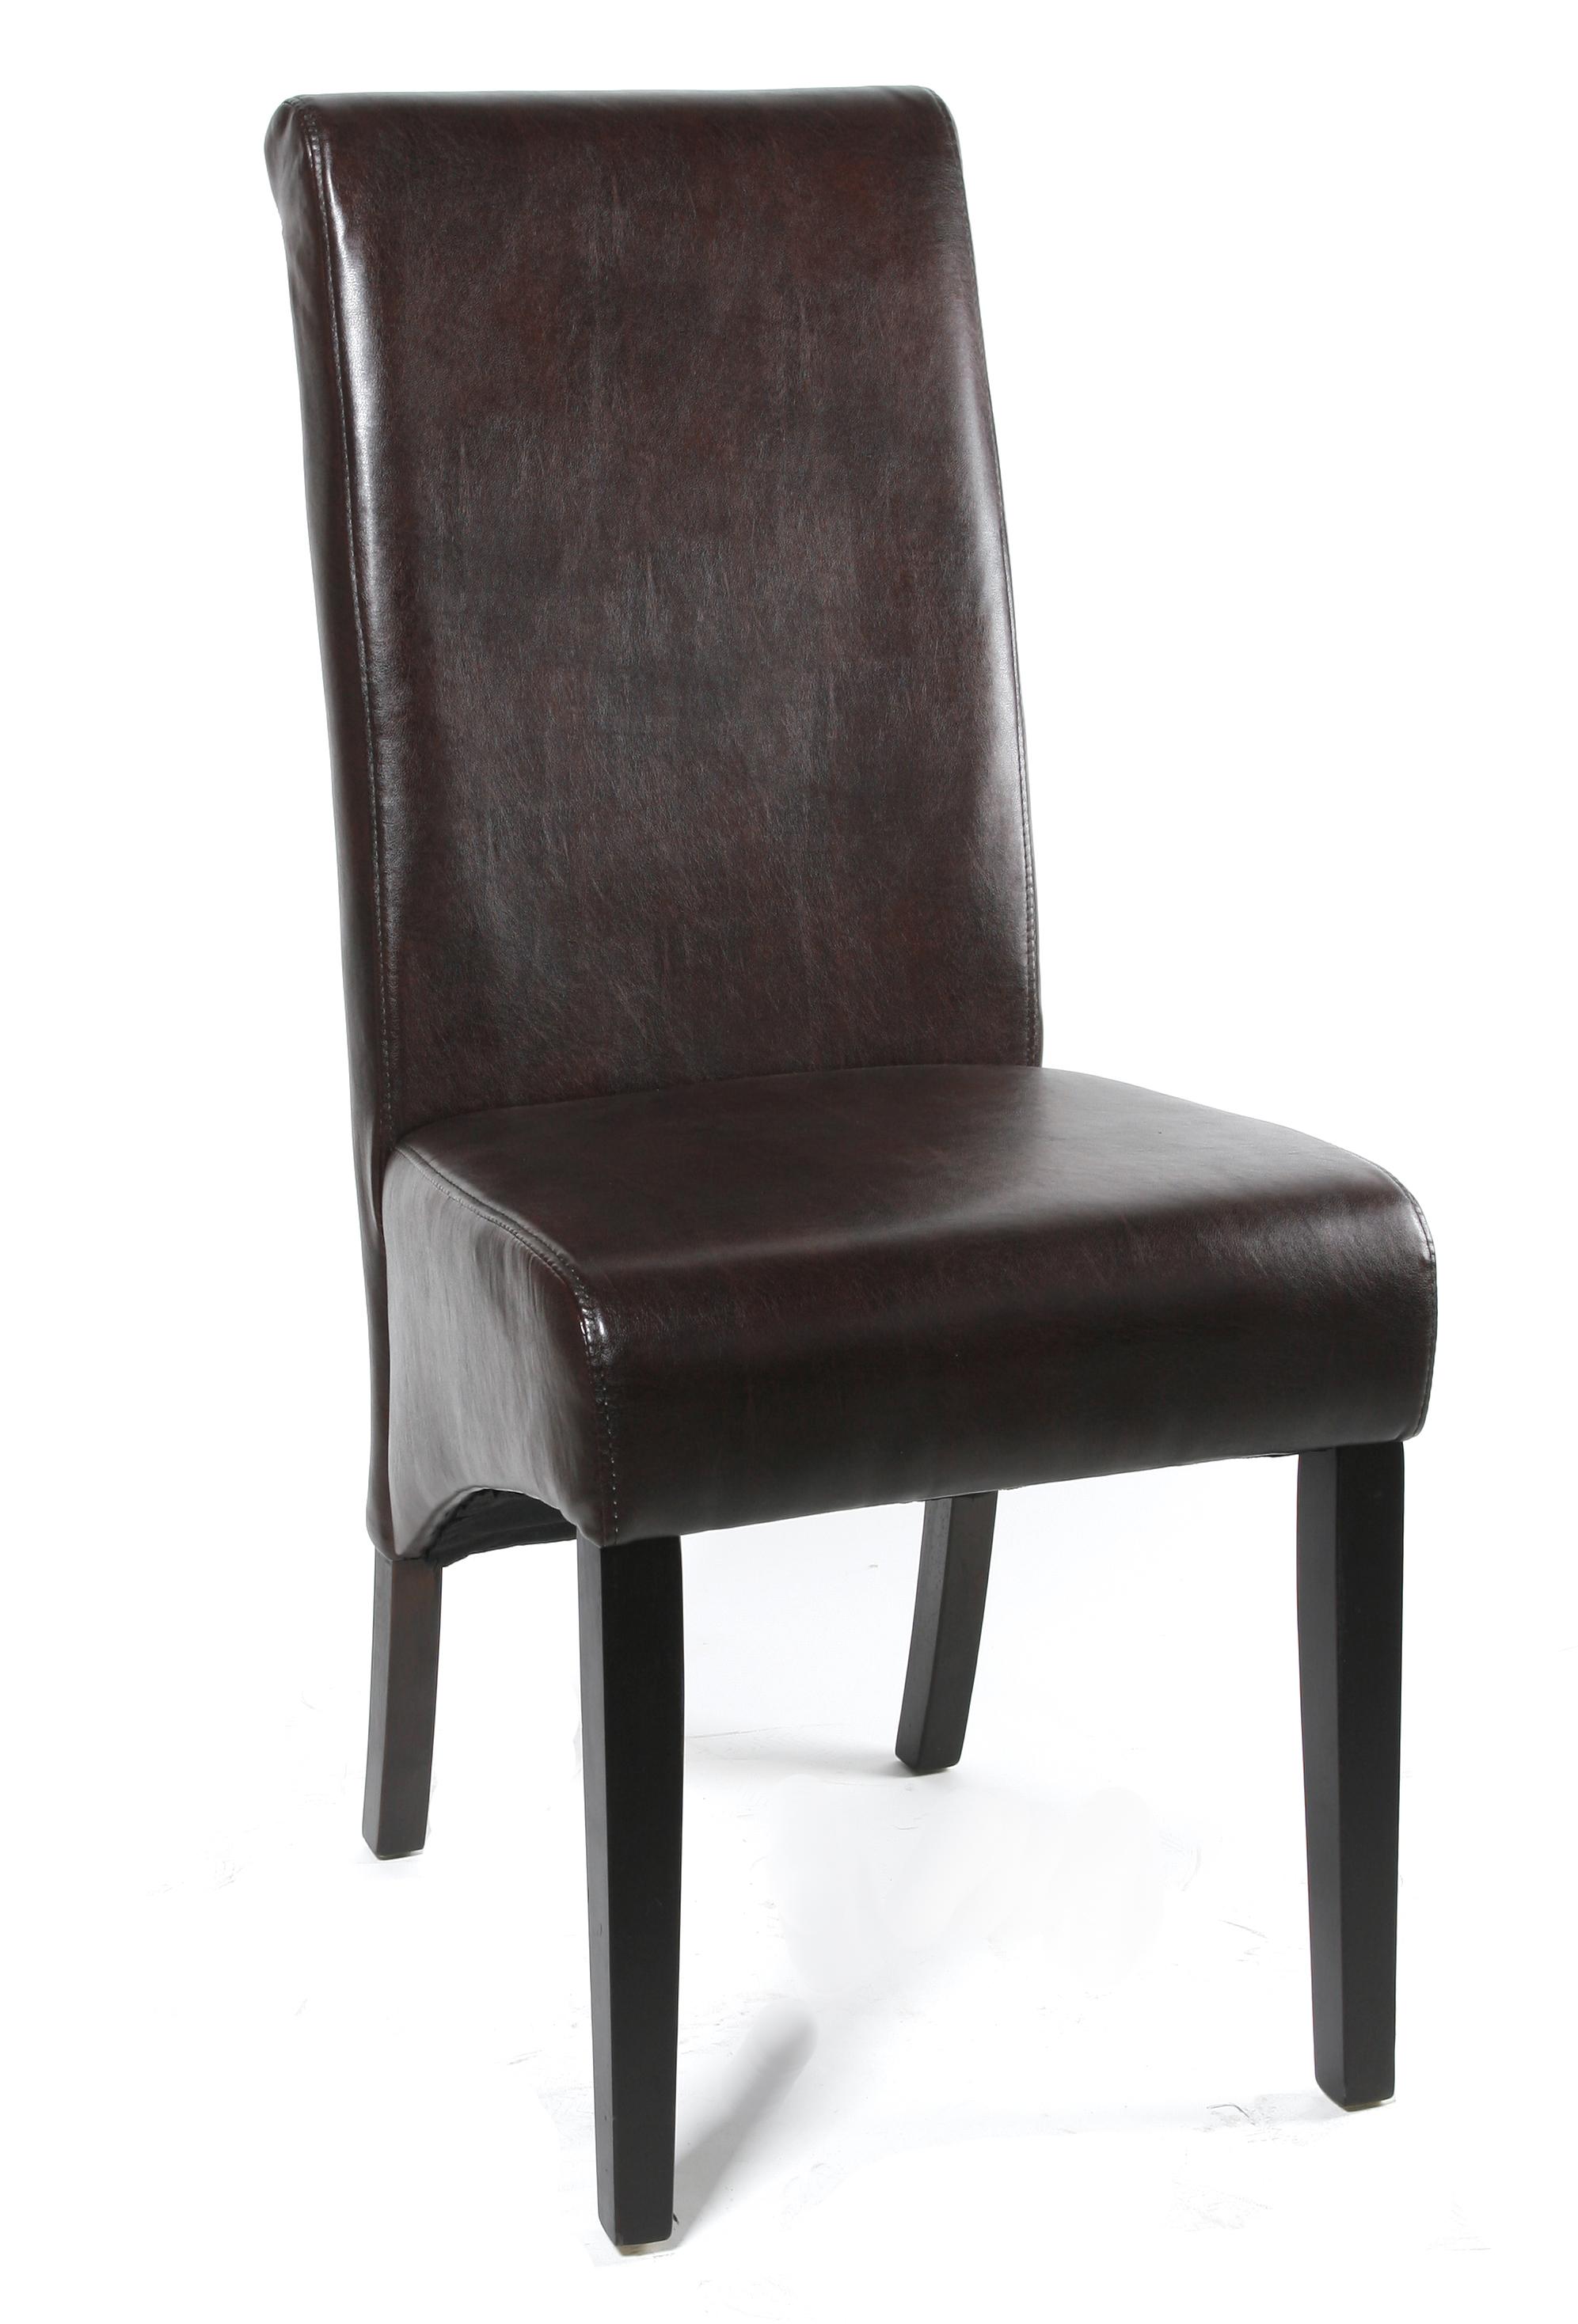 Sixbros chaise en bois de h tre massif en cuir for Chaise en hetre